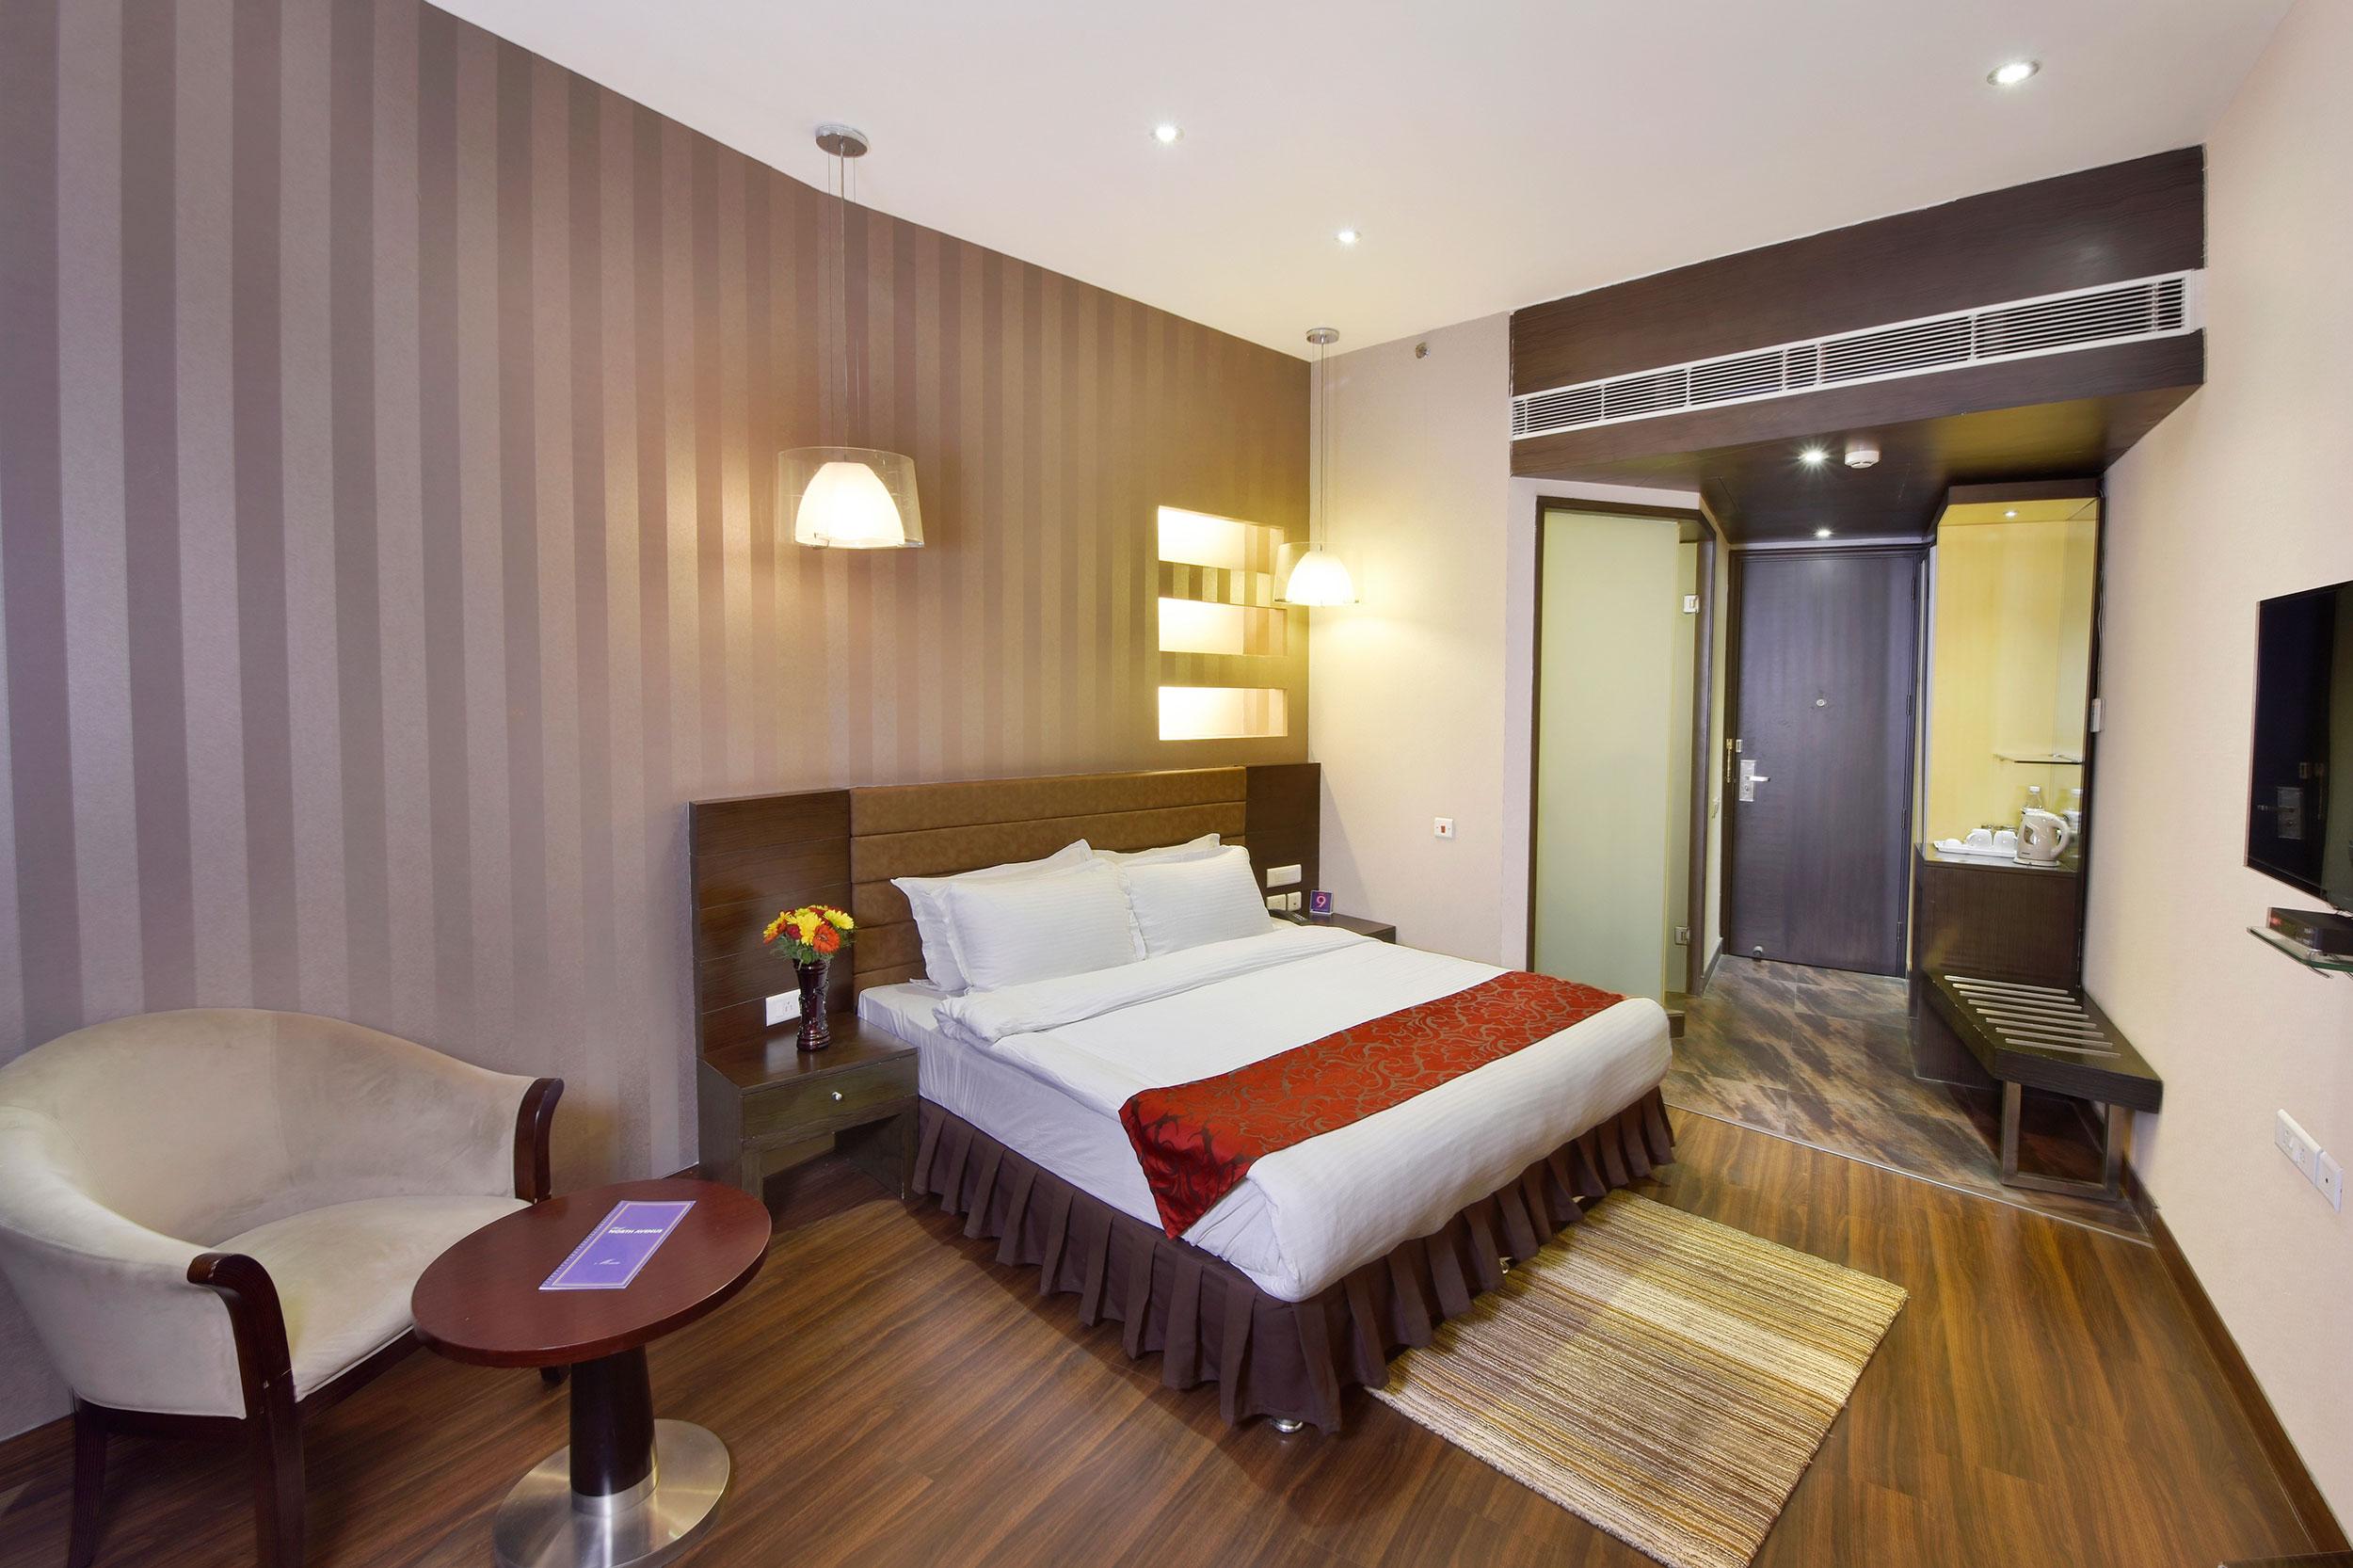 Spree Hotels Room Image